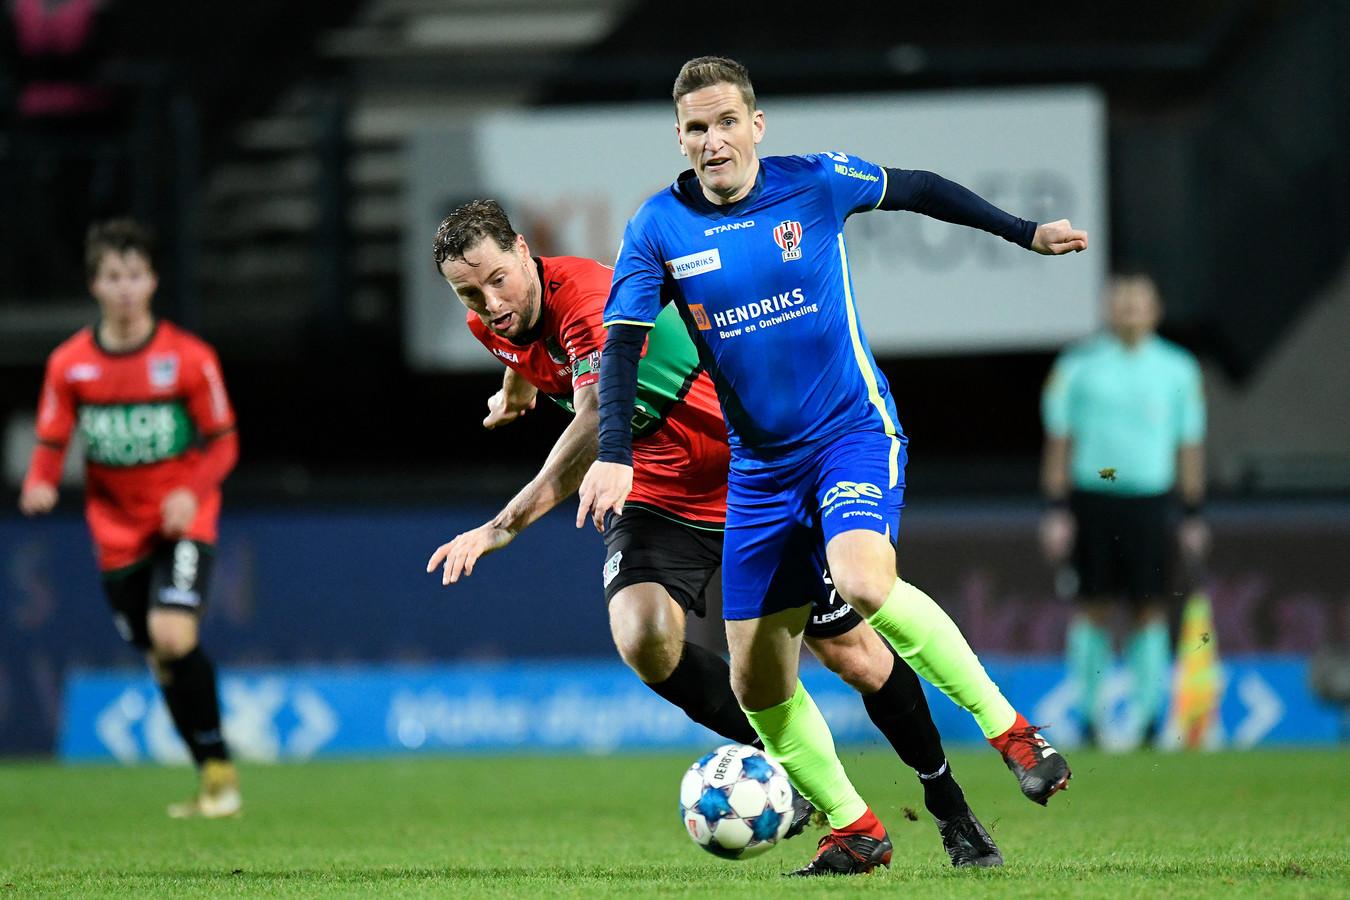 Sjoerd Overgoor (rechts), hier in actie namens TOP Oss tegen NEC, speelt volgend seizoen voor HSC'21.      NEC player Rens van Eijden and Top Oss player Sjoerd Overgoor during the match.